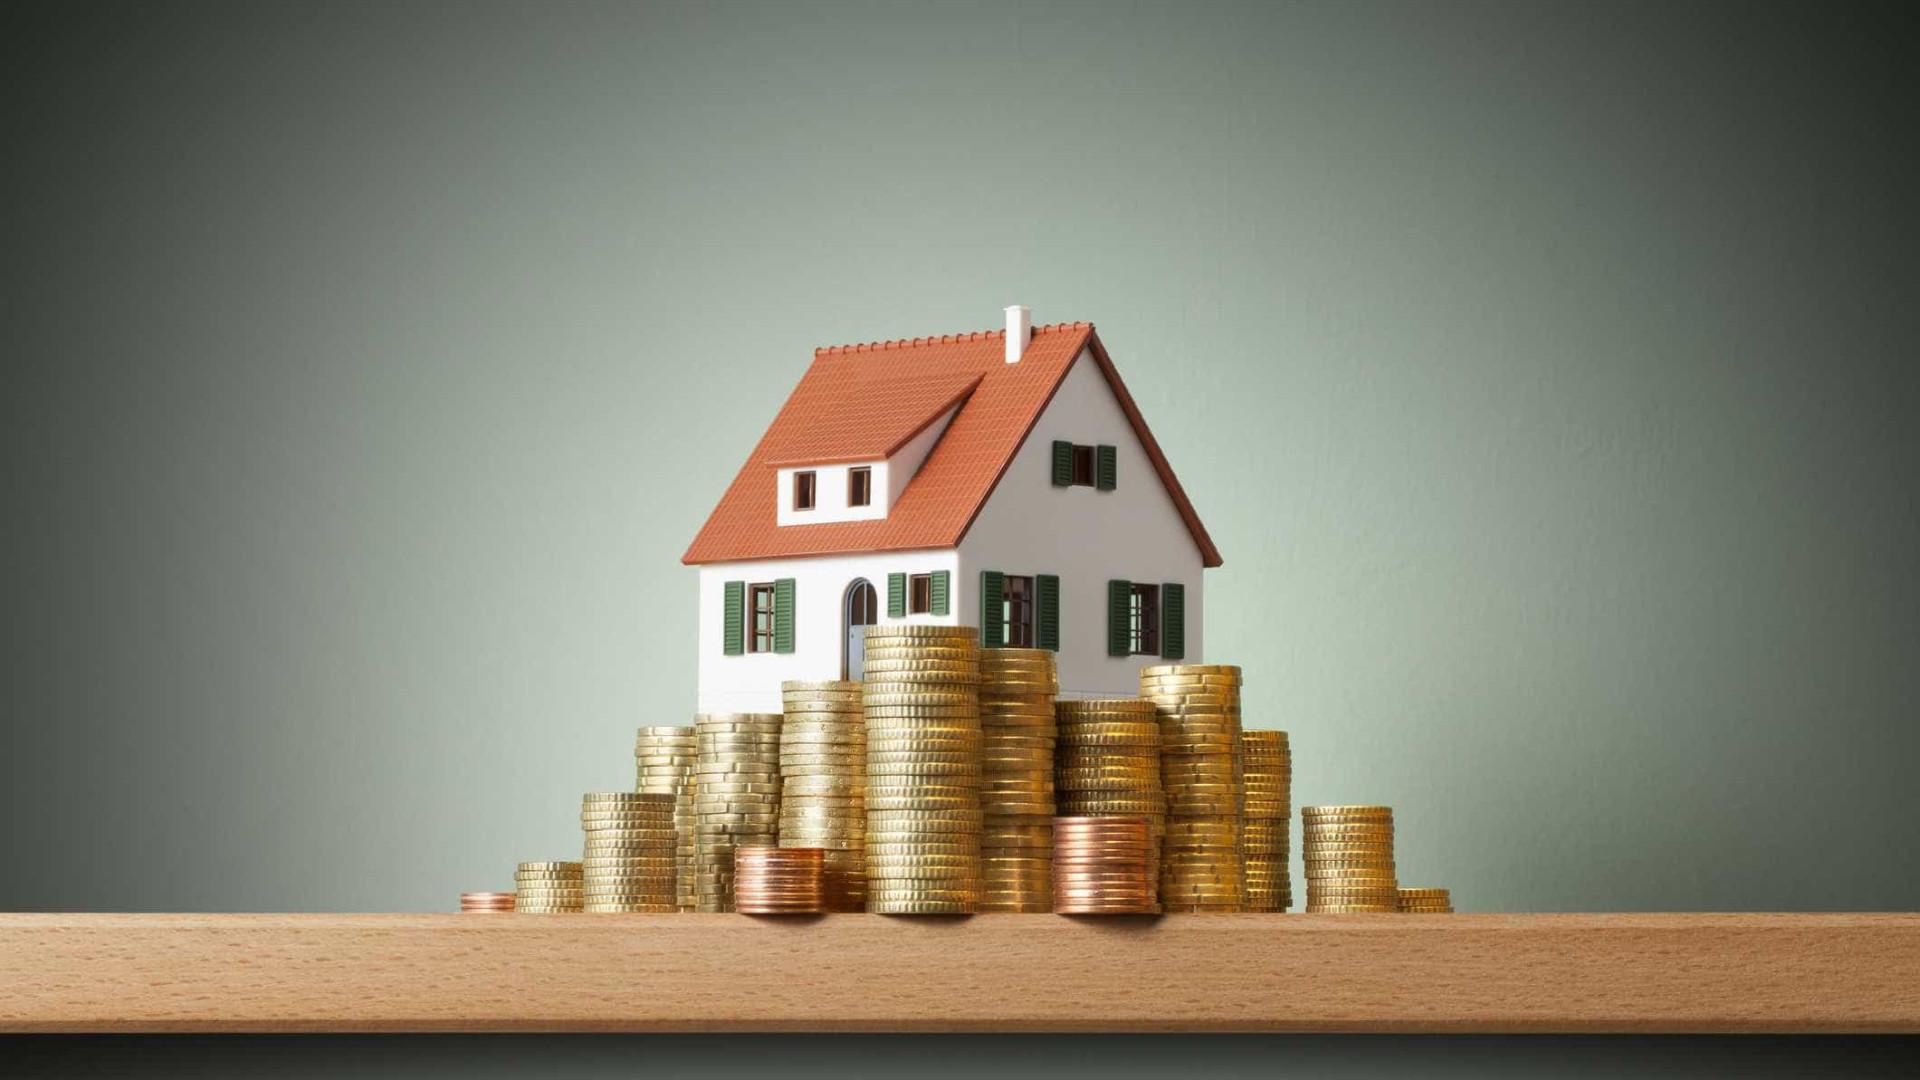 Vistos gold: Investimento sobe 14,6% em novembro para 54,5 milhões